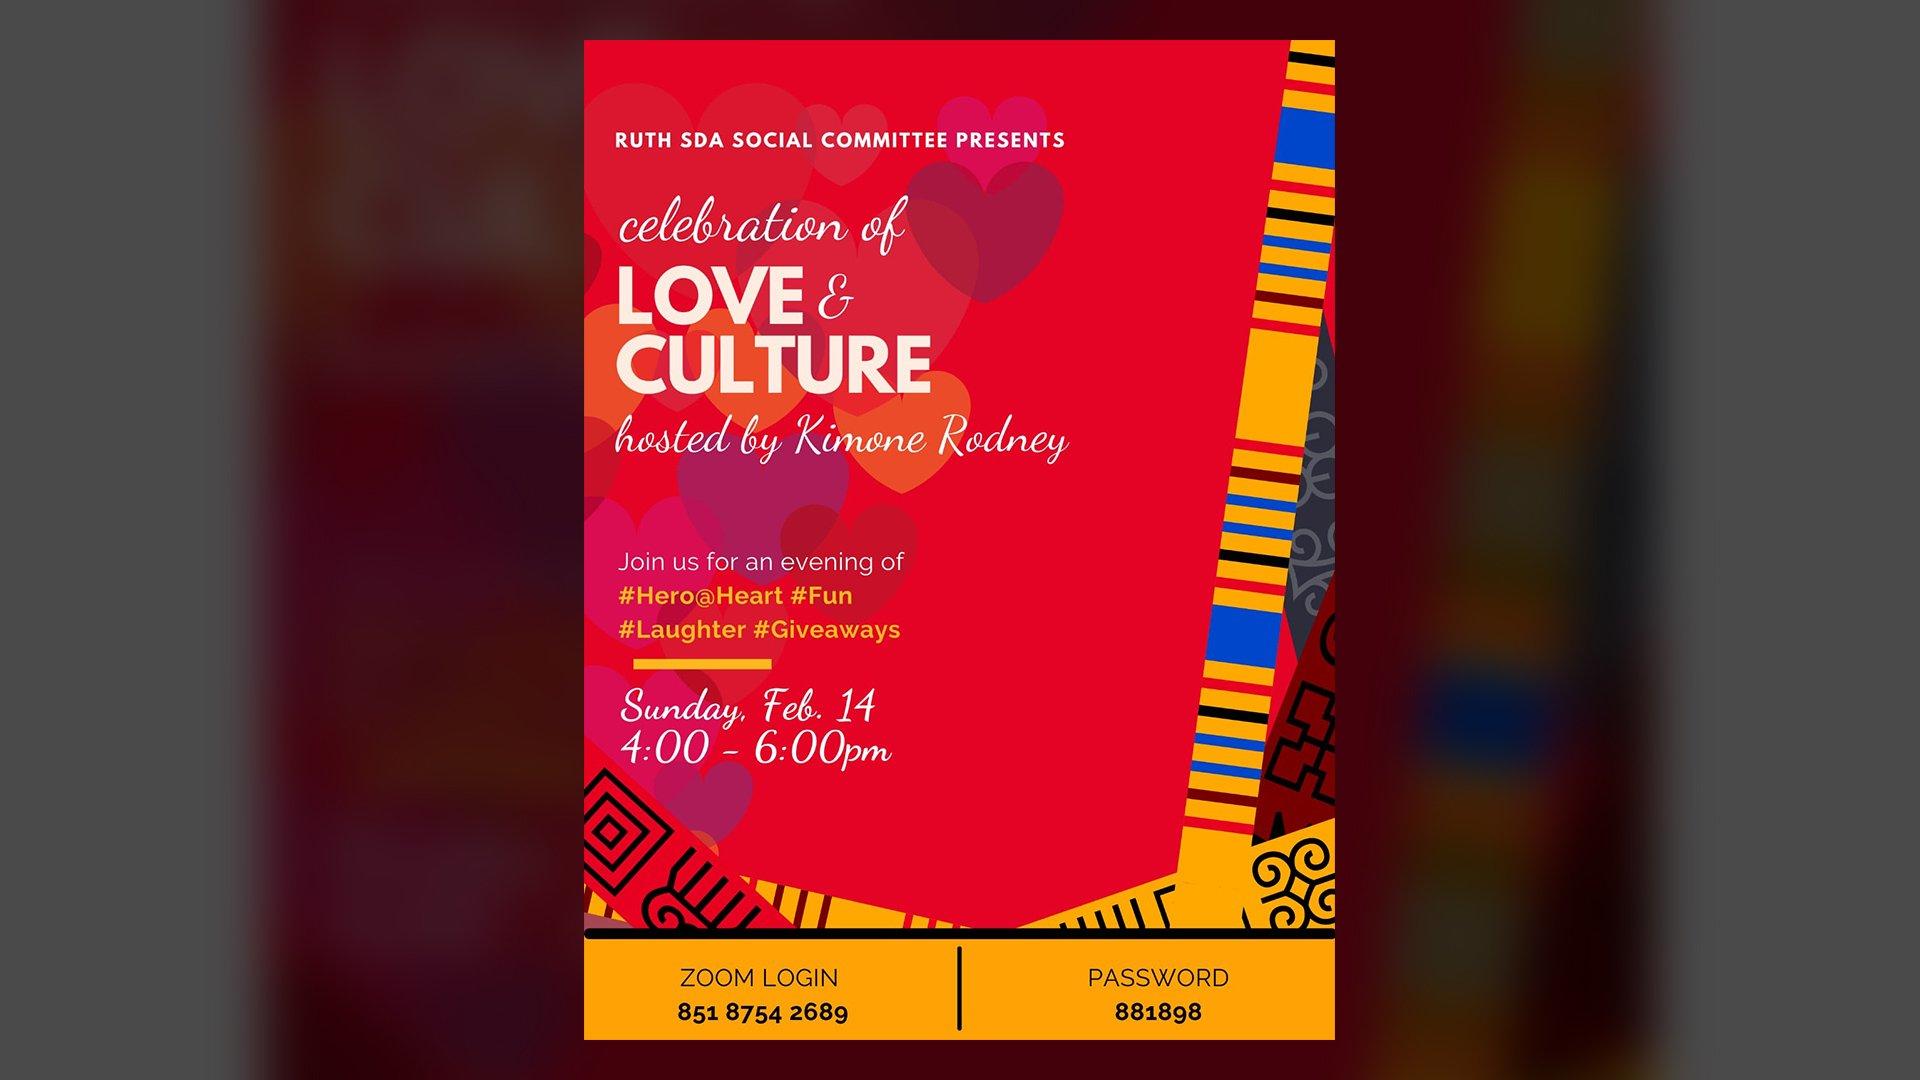 Love-Culture-Social-Comm-Feb-14